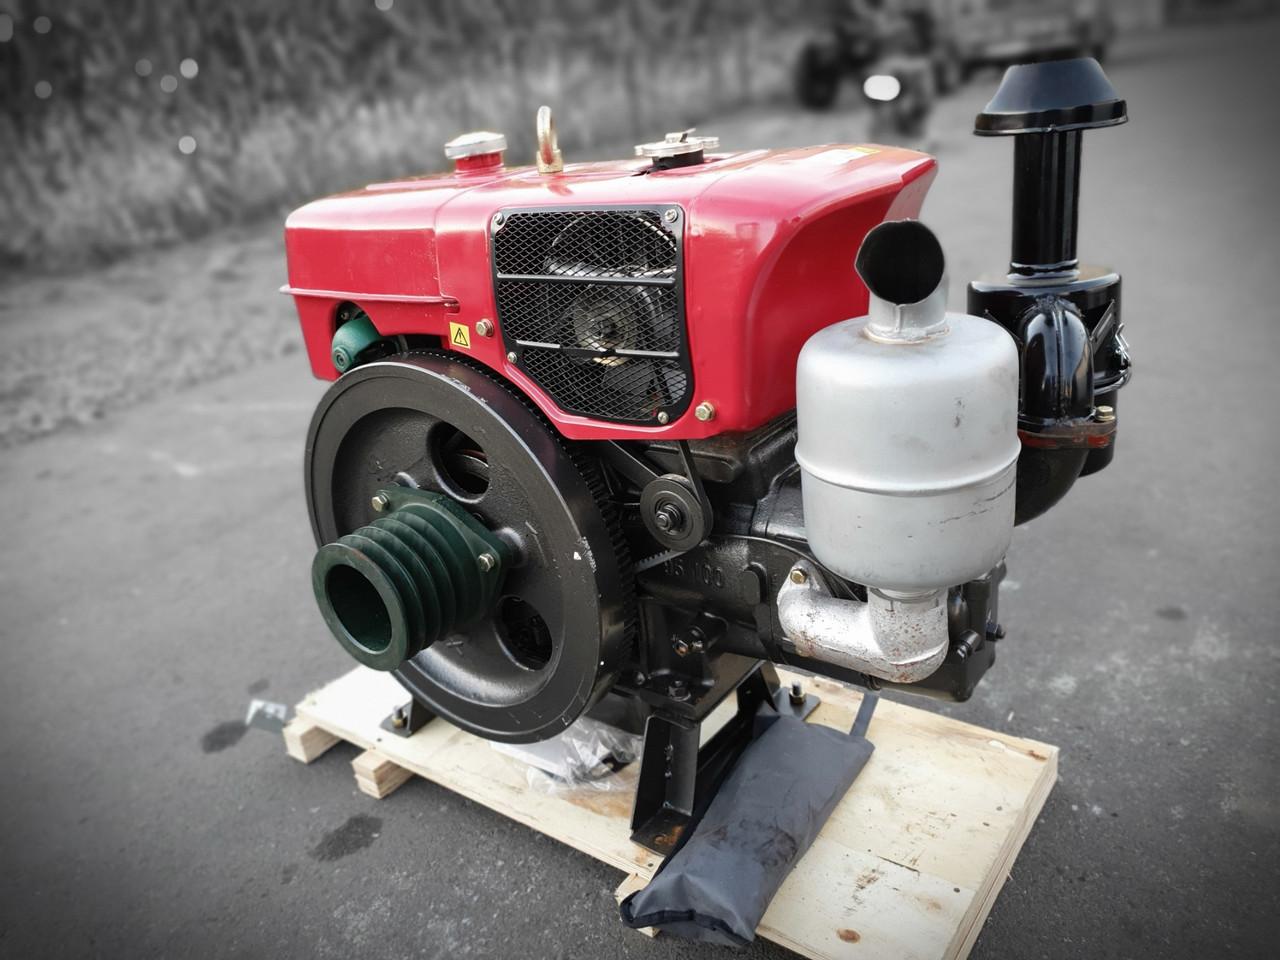 Двигатель дизельный ДМТЗ ZS1100BNM мощностью 18л.с, водяное охлаждение, премиум сборка, гарантия, шкив 5-х руч